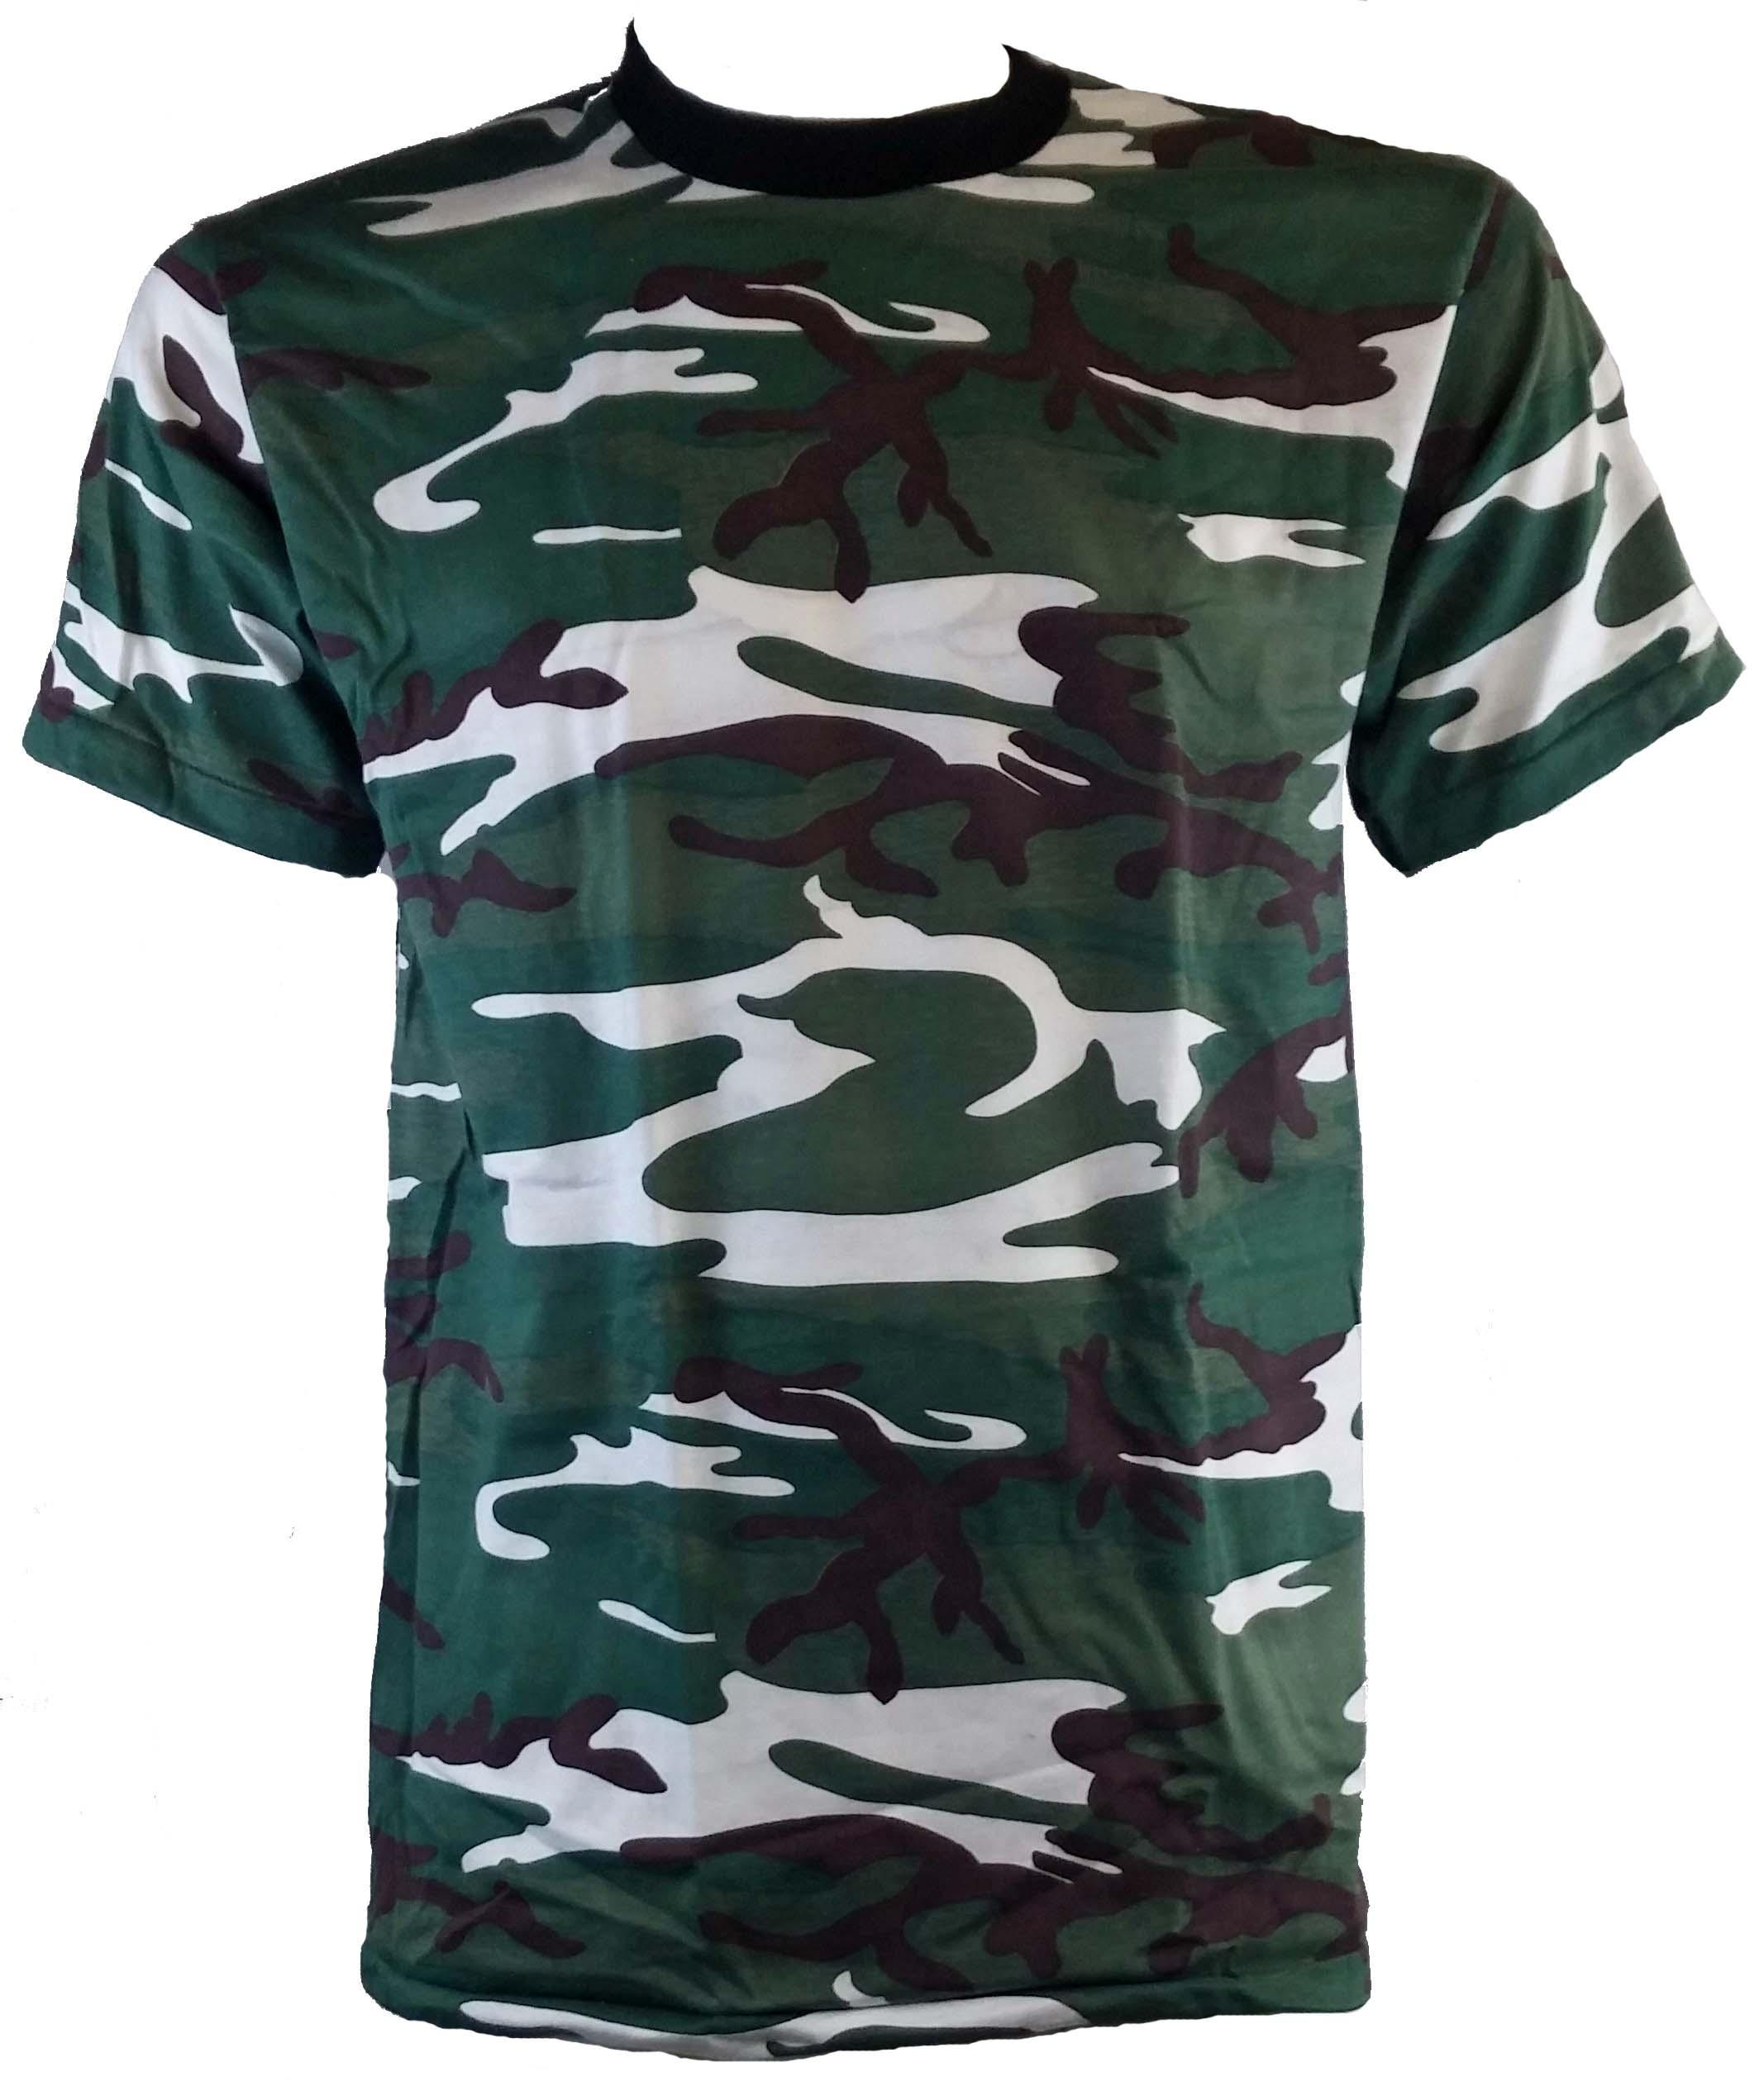 SGS t-shirt camo vert forêt ***en vente***